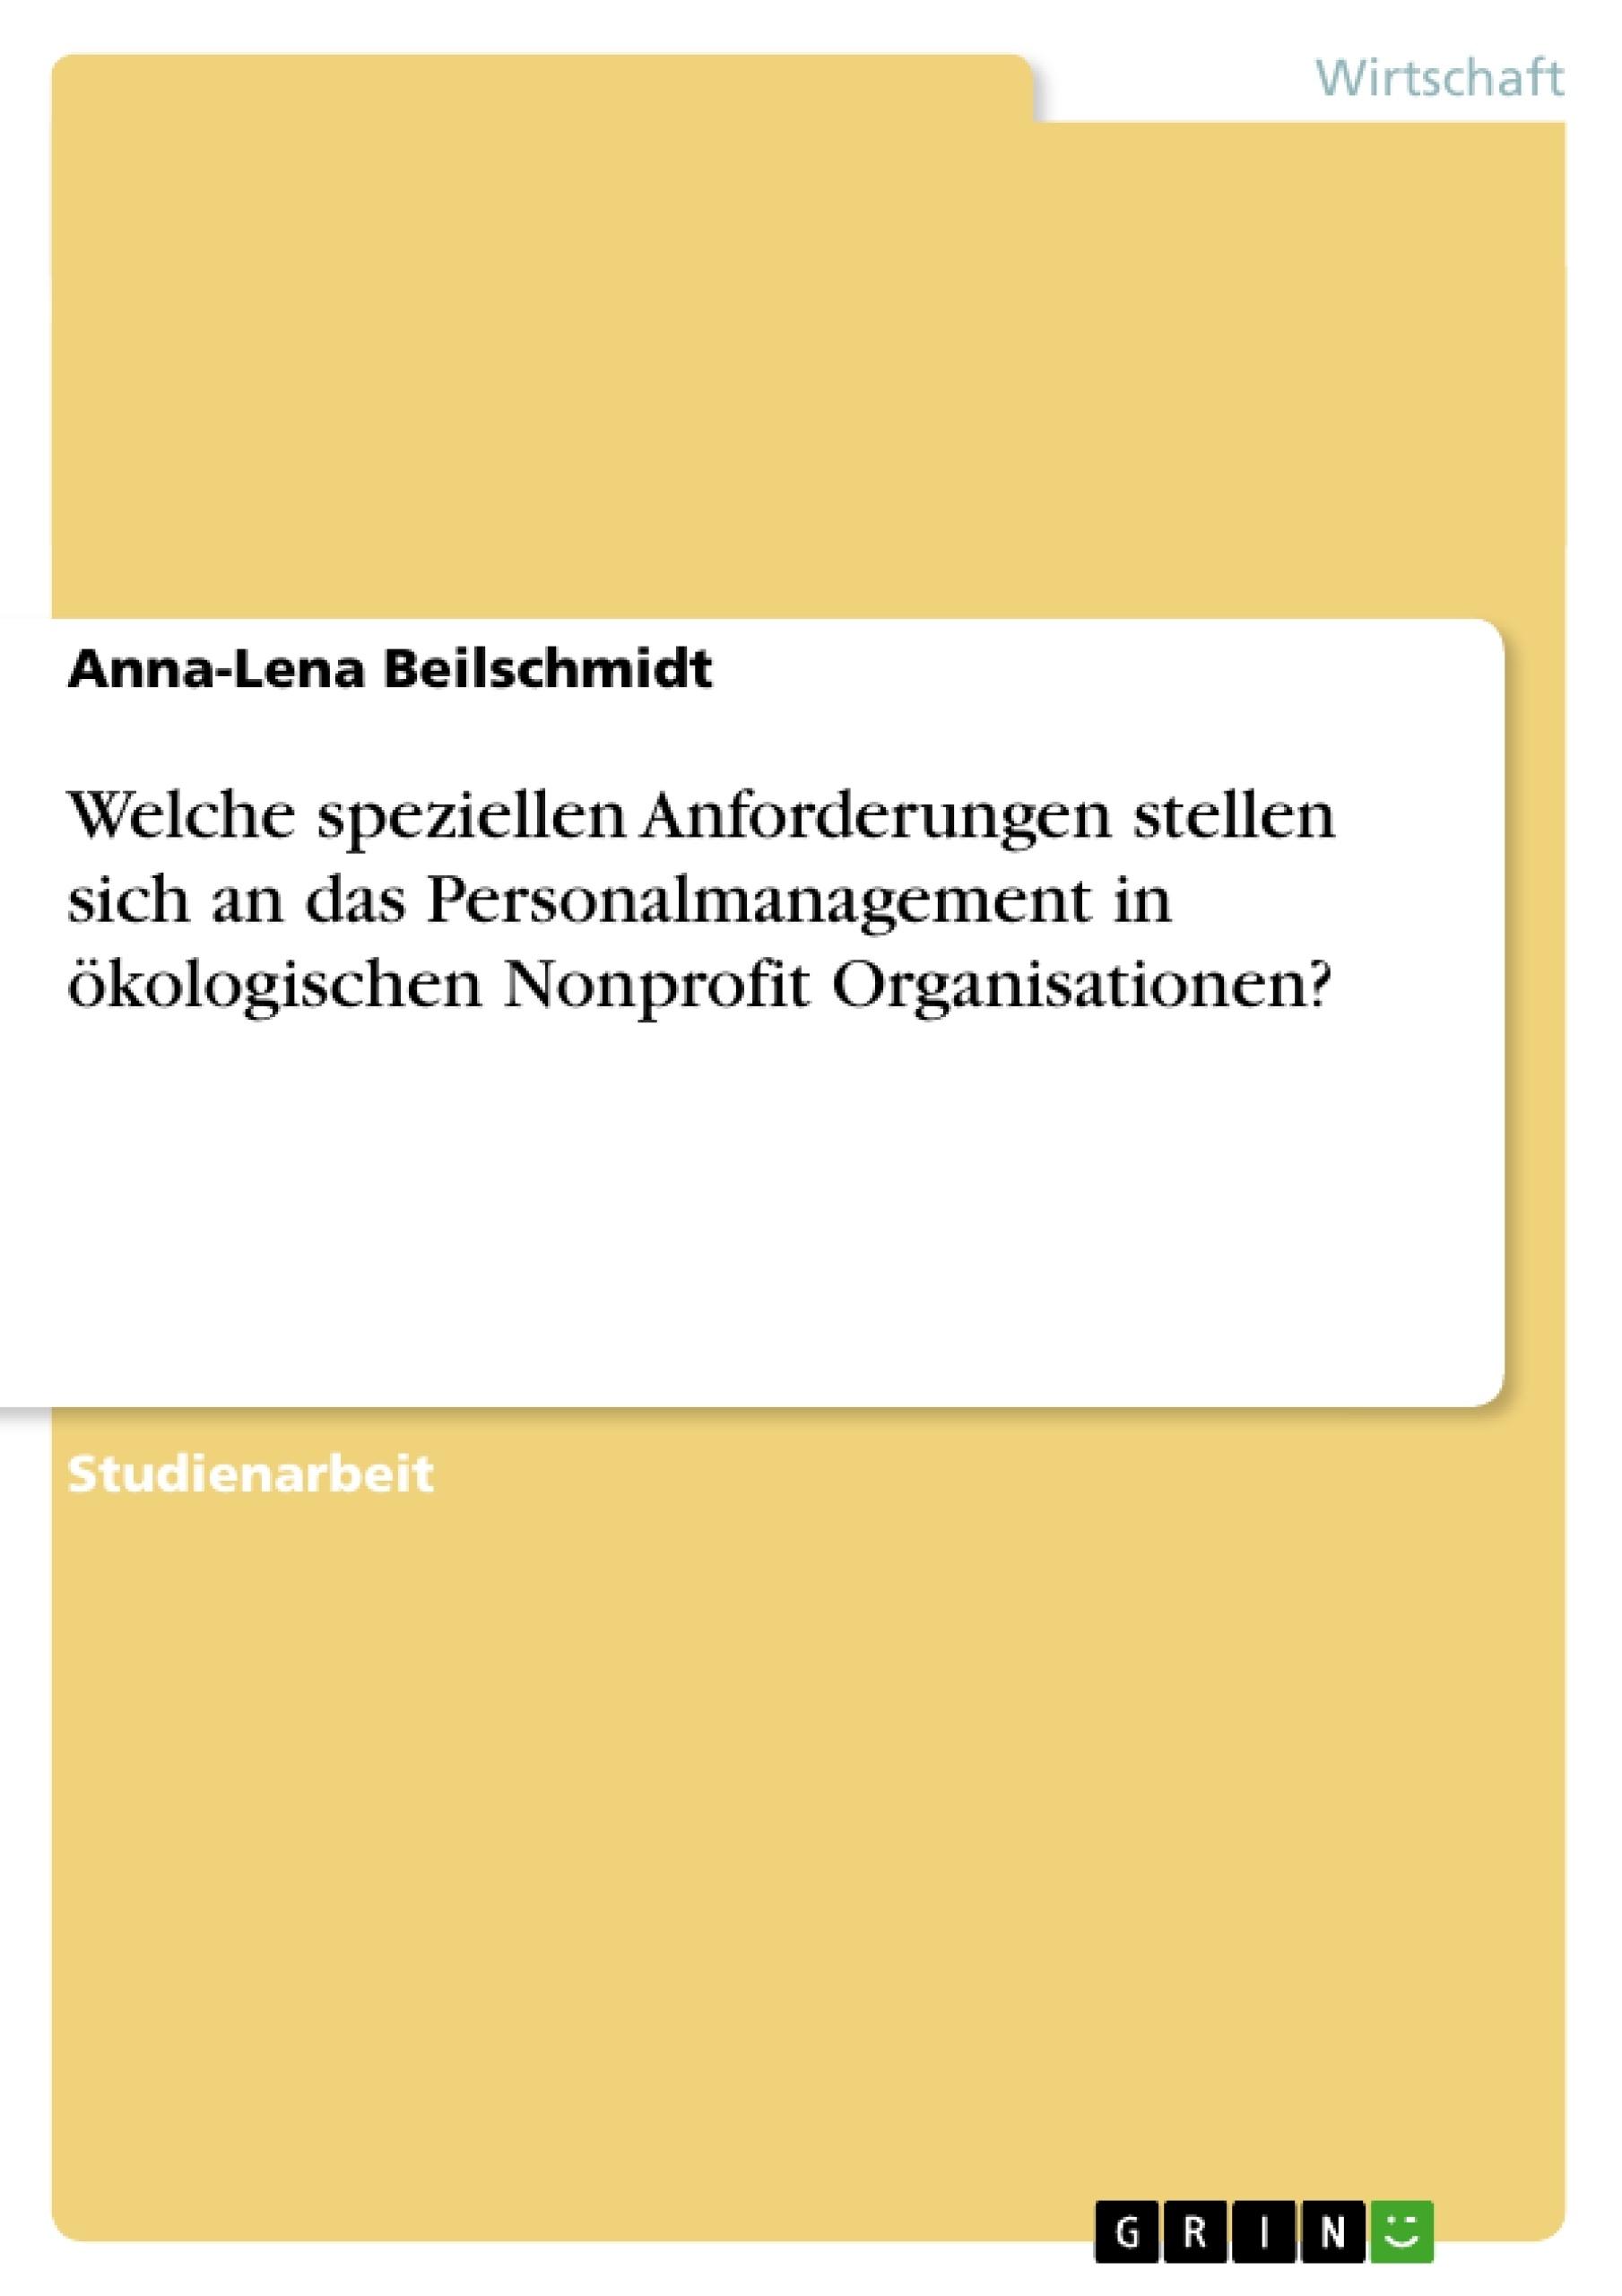 Titel: Welche speziellen Anforderungen stellen sich an das Personalmanagement in ökologischen Nonprofit Organisationen?